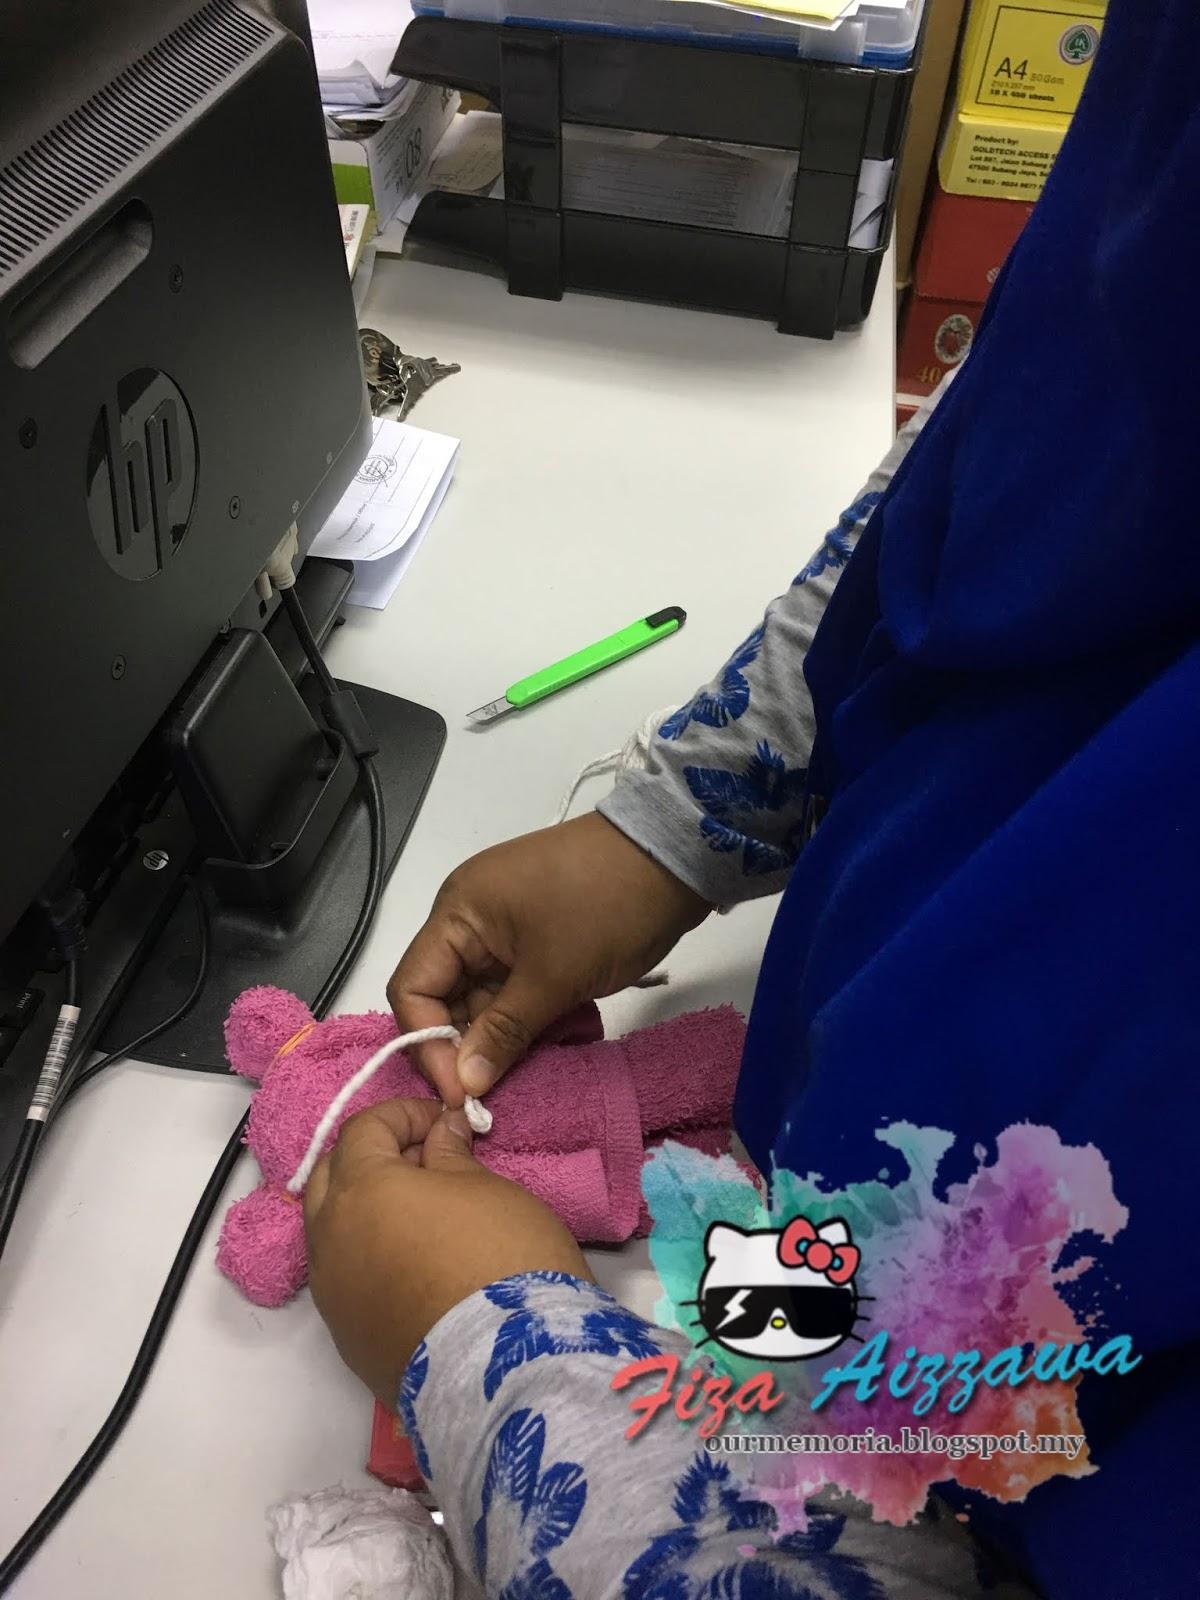 Fiza Aizzawa  DIY Teddy Bear hadiah untuk cikgu sempena Hari Guru 2018 1e934dfd7f